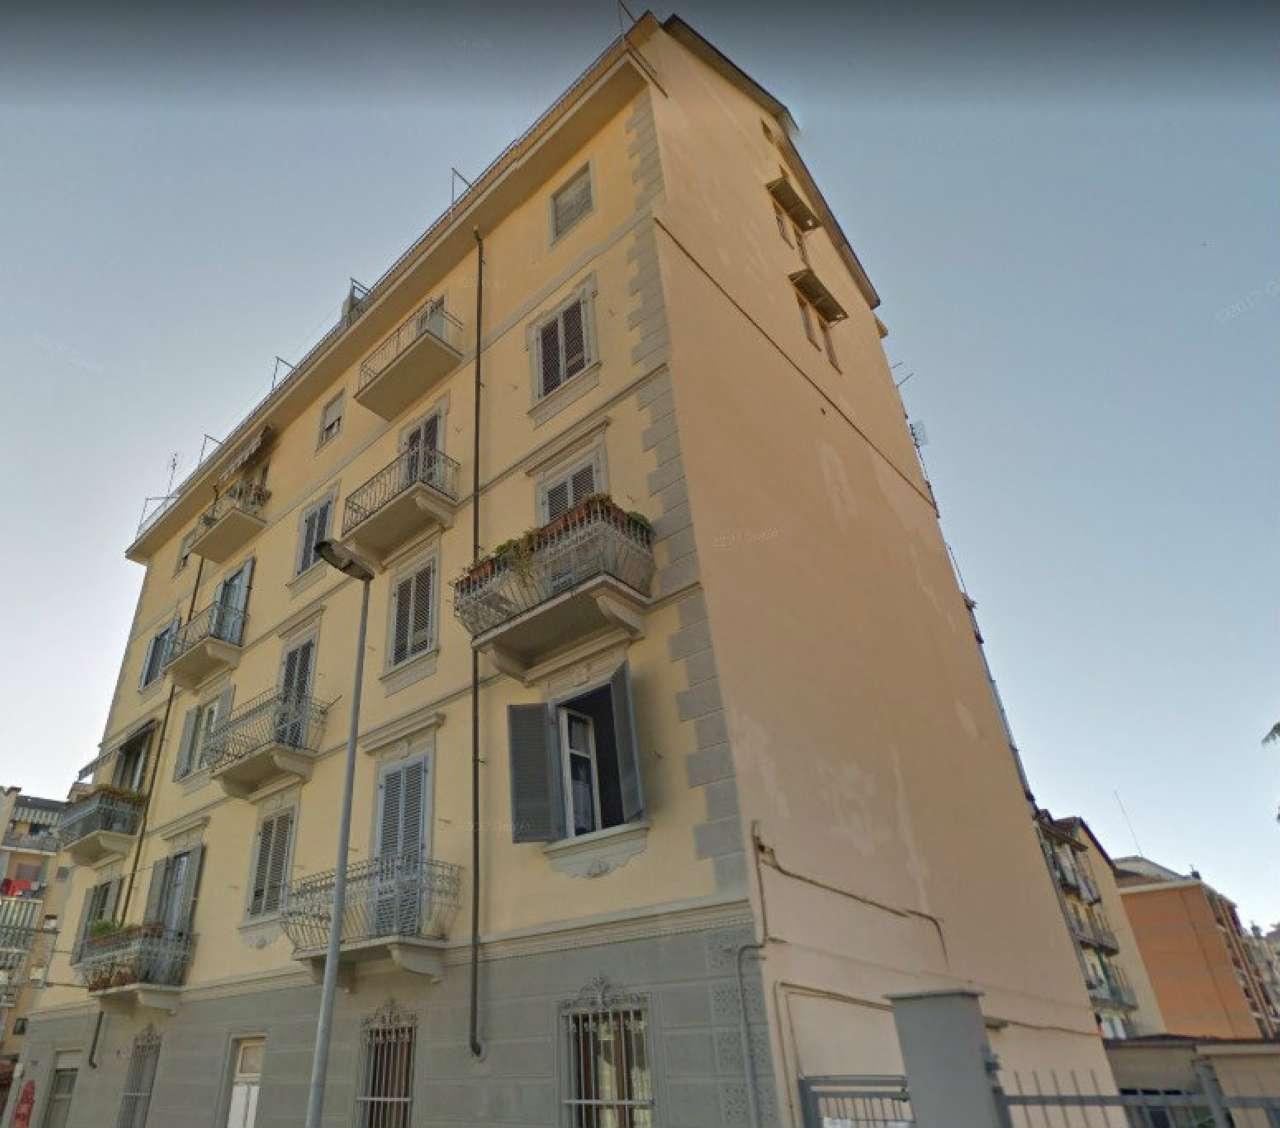 Appartamento in vendita Zona Madonna di Campagna, Borgo Vittoria... - via MONTELLO 3 Torino